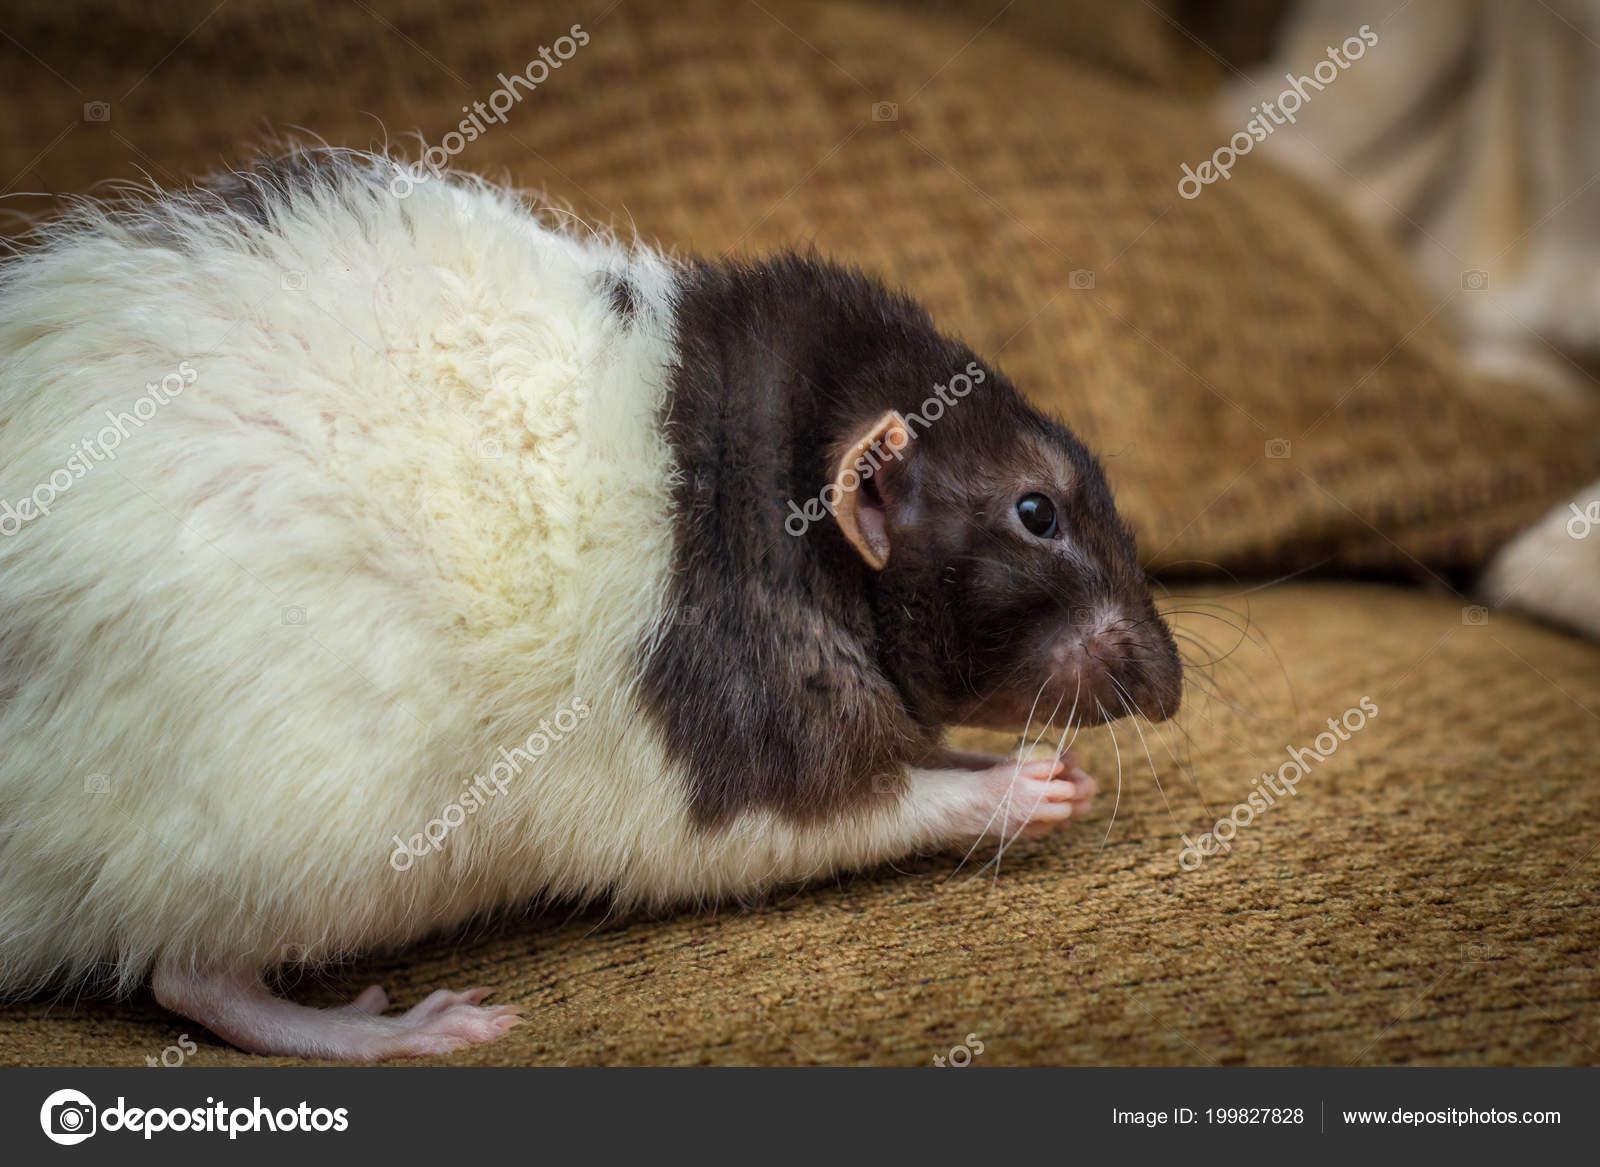 Ausgefallene Agouti Farbigen Kapuzen Haustier Ratte Erforschen Sofa